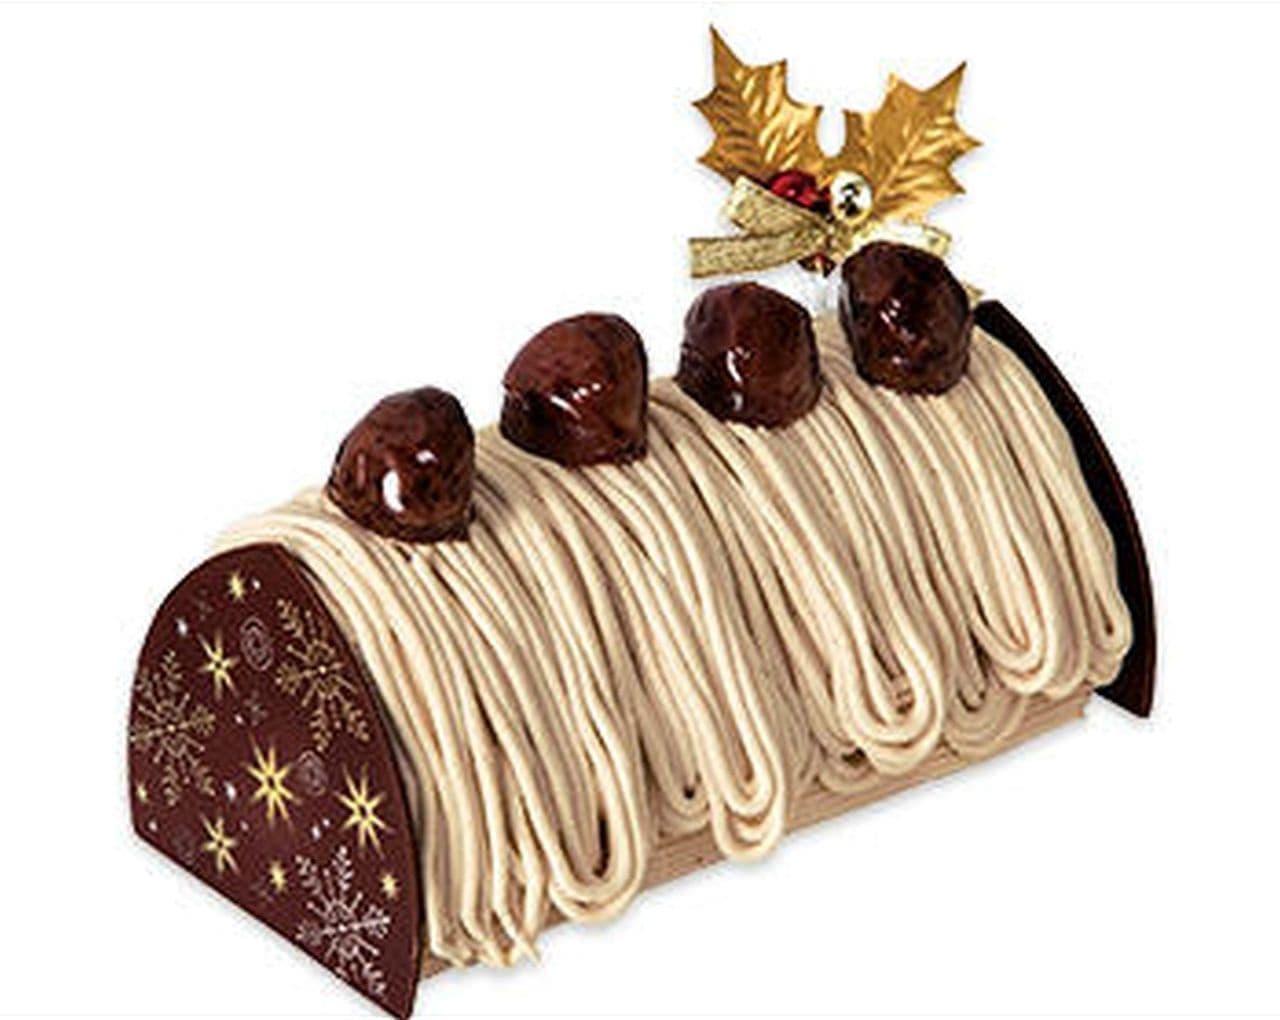 不二家「熊本県産和栗のプレミアムクリスマスモンブラン」